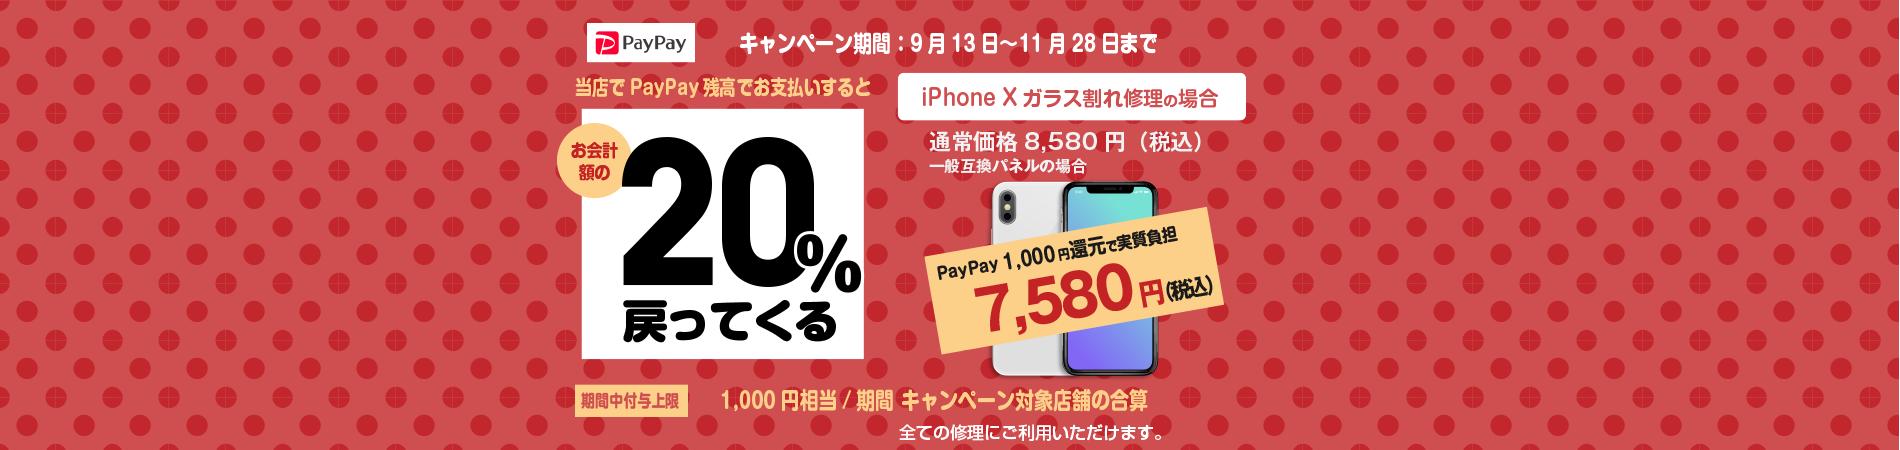 iPhone修理PayPayキャンペーン